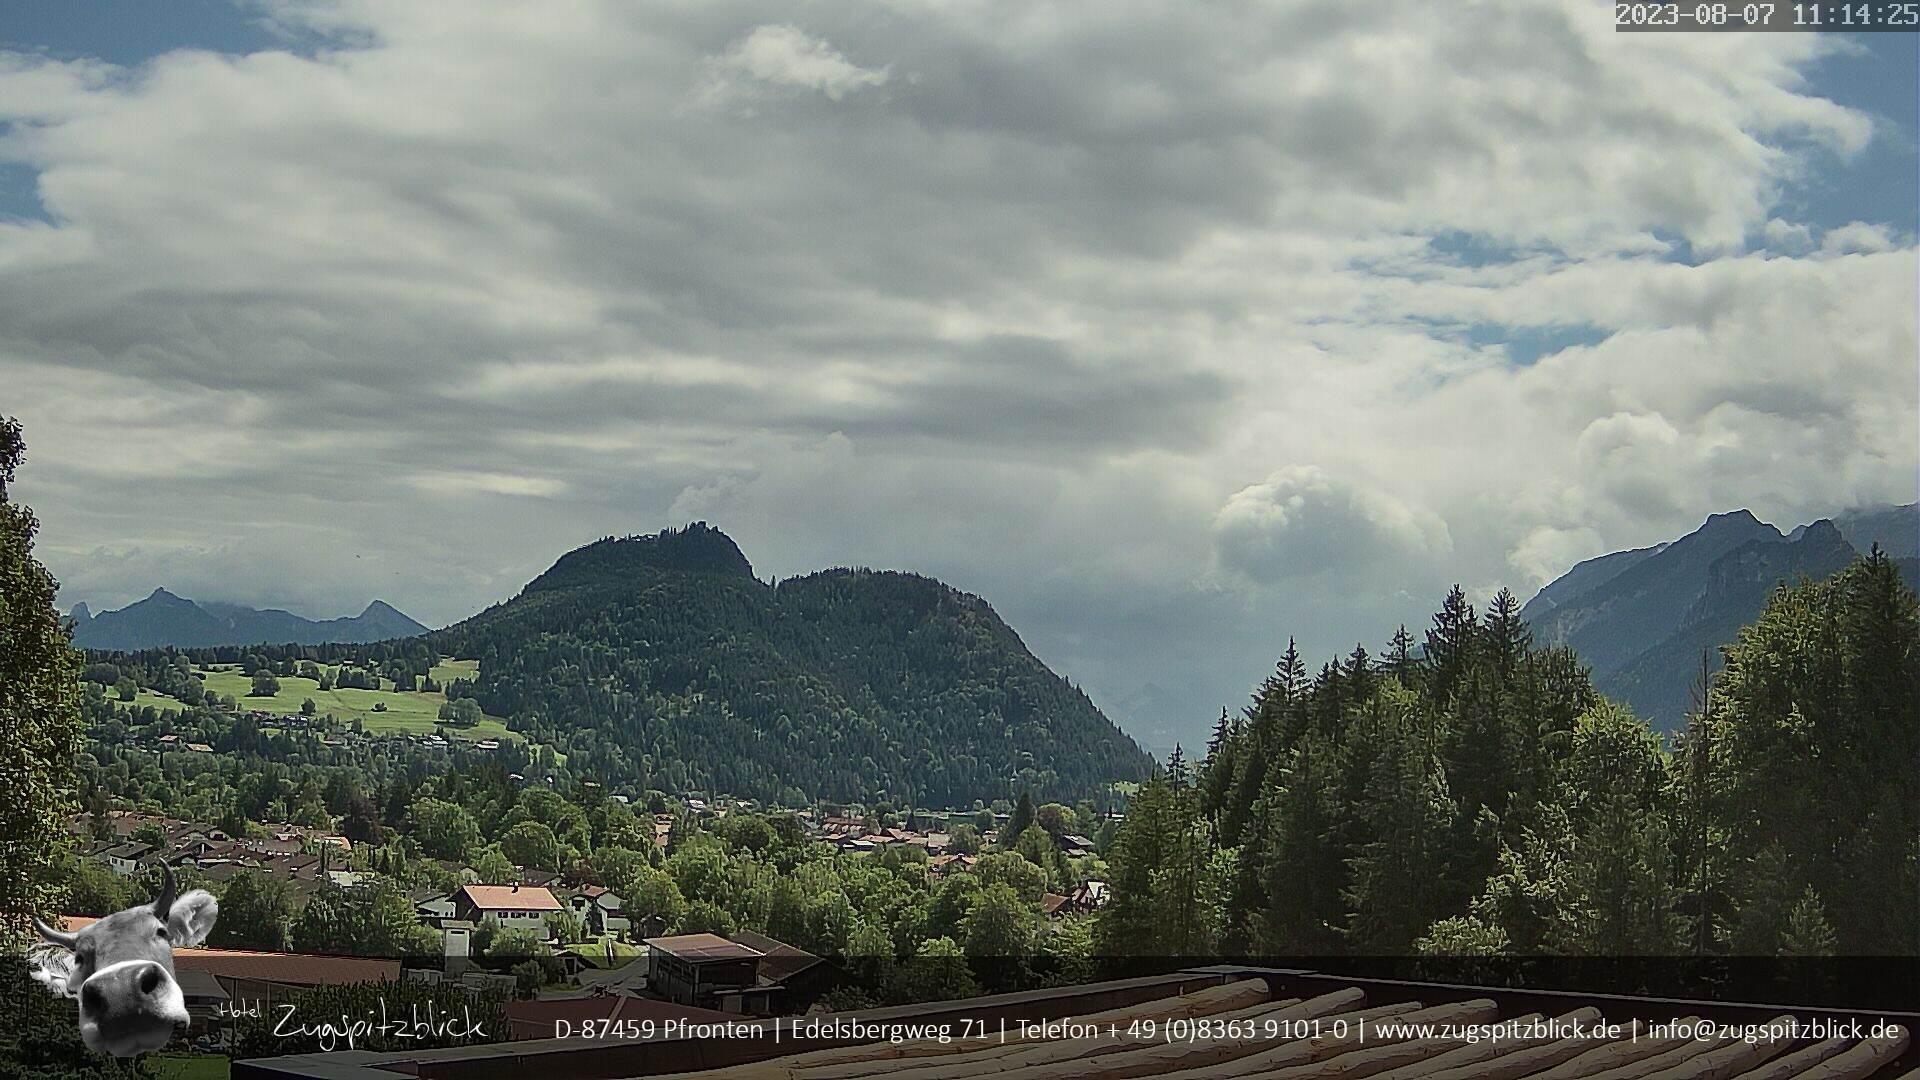 Webcam mit Ausblick vom Hotel Zugspitzblick in Pfronten